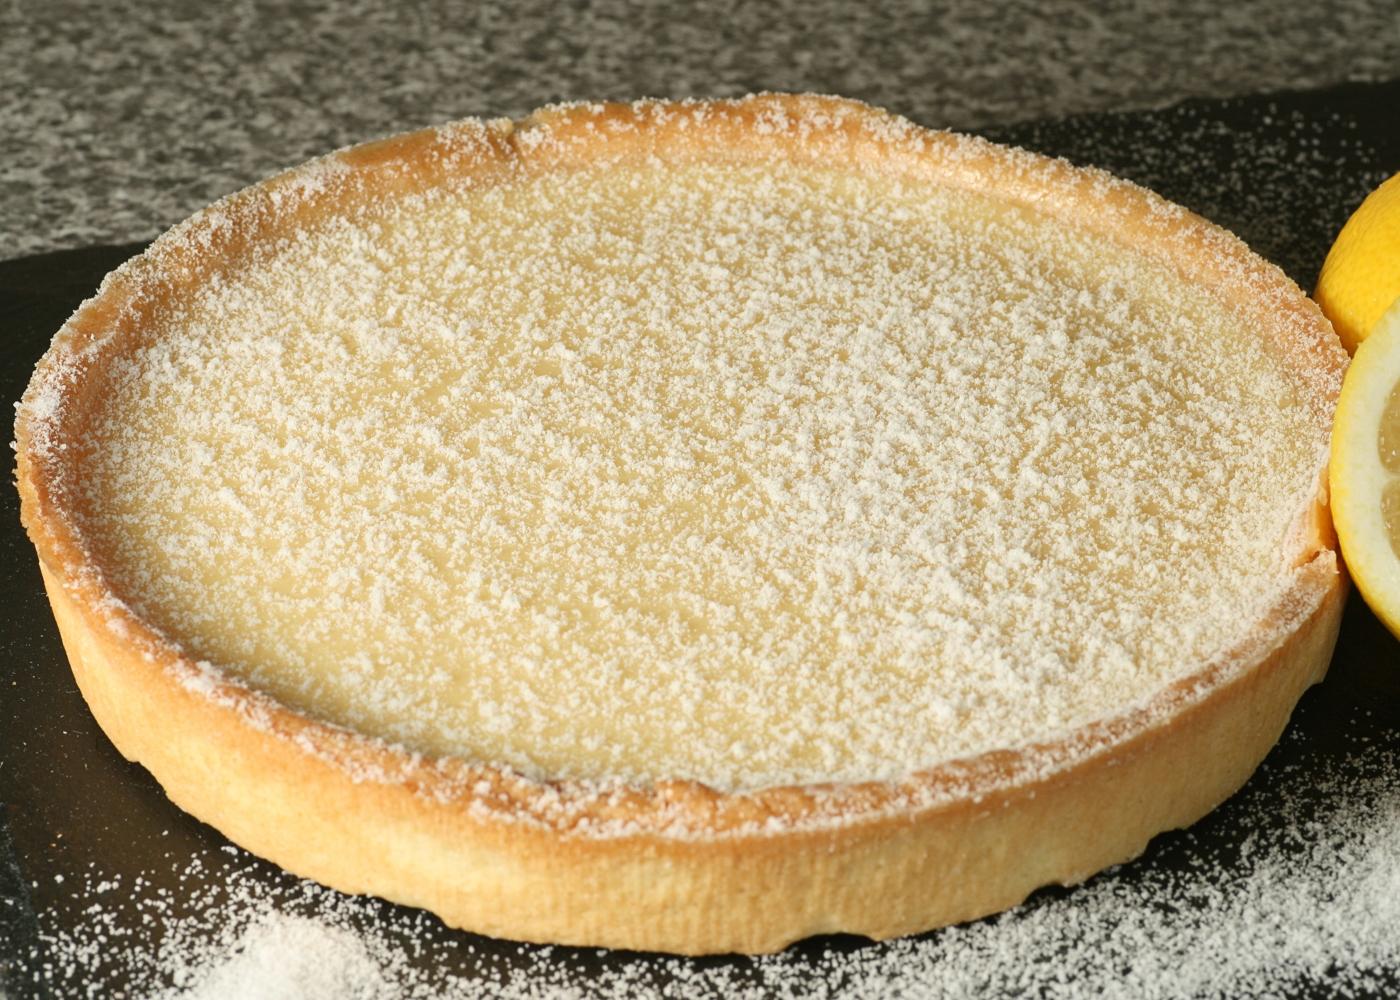 tarte de limão inteira com açúcar polvilhado